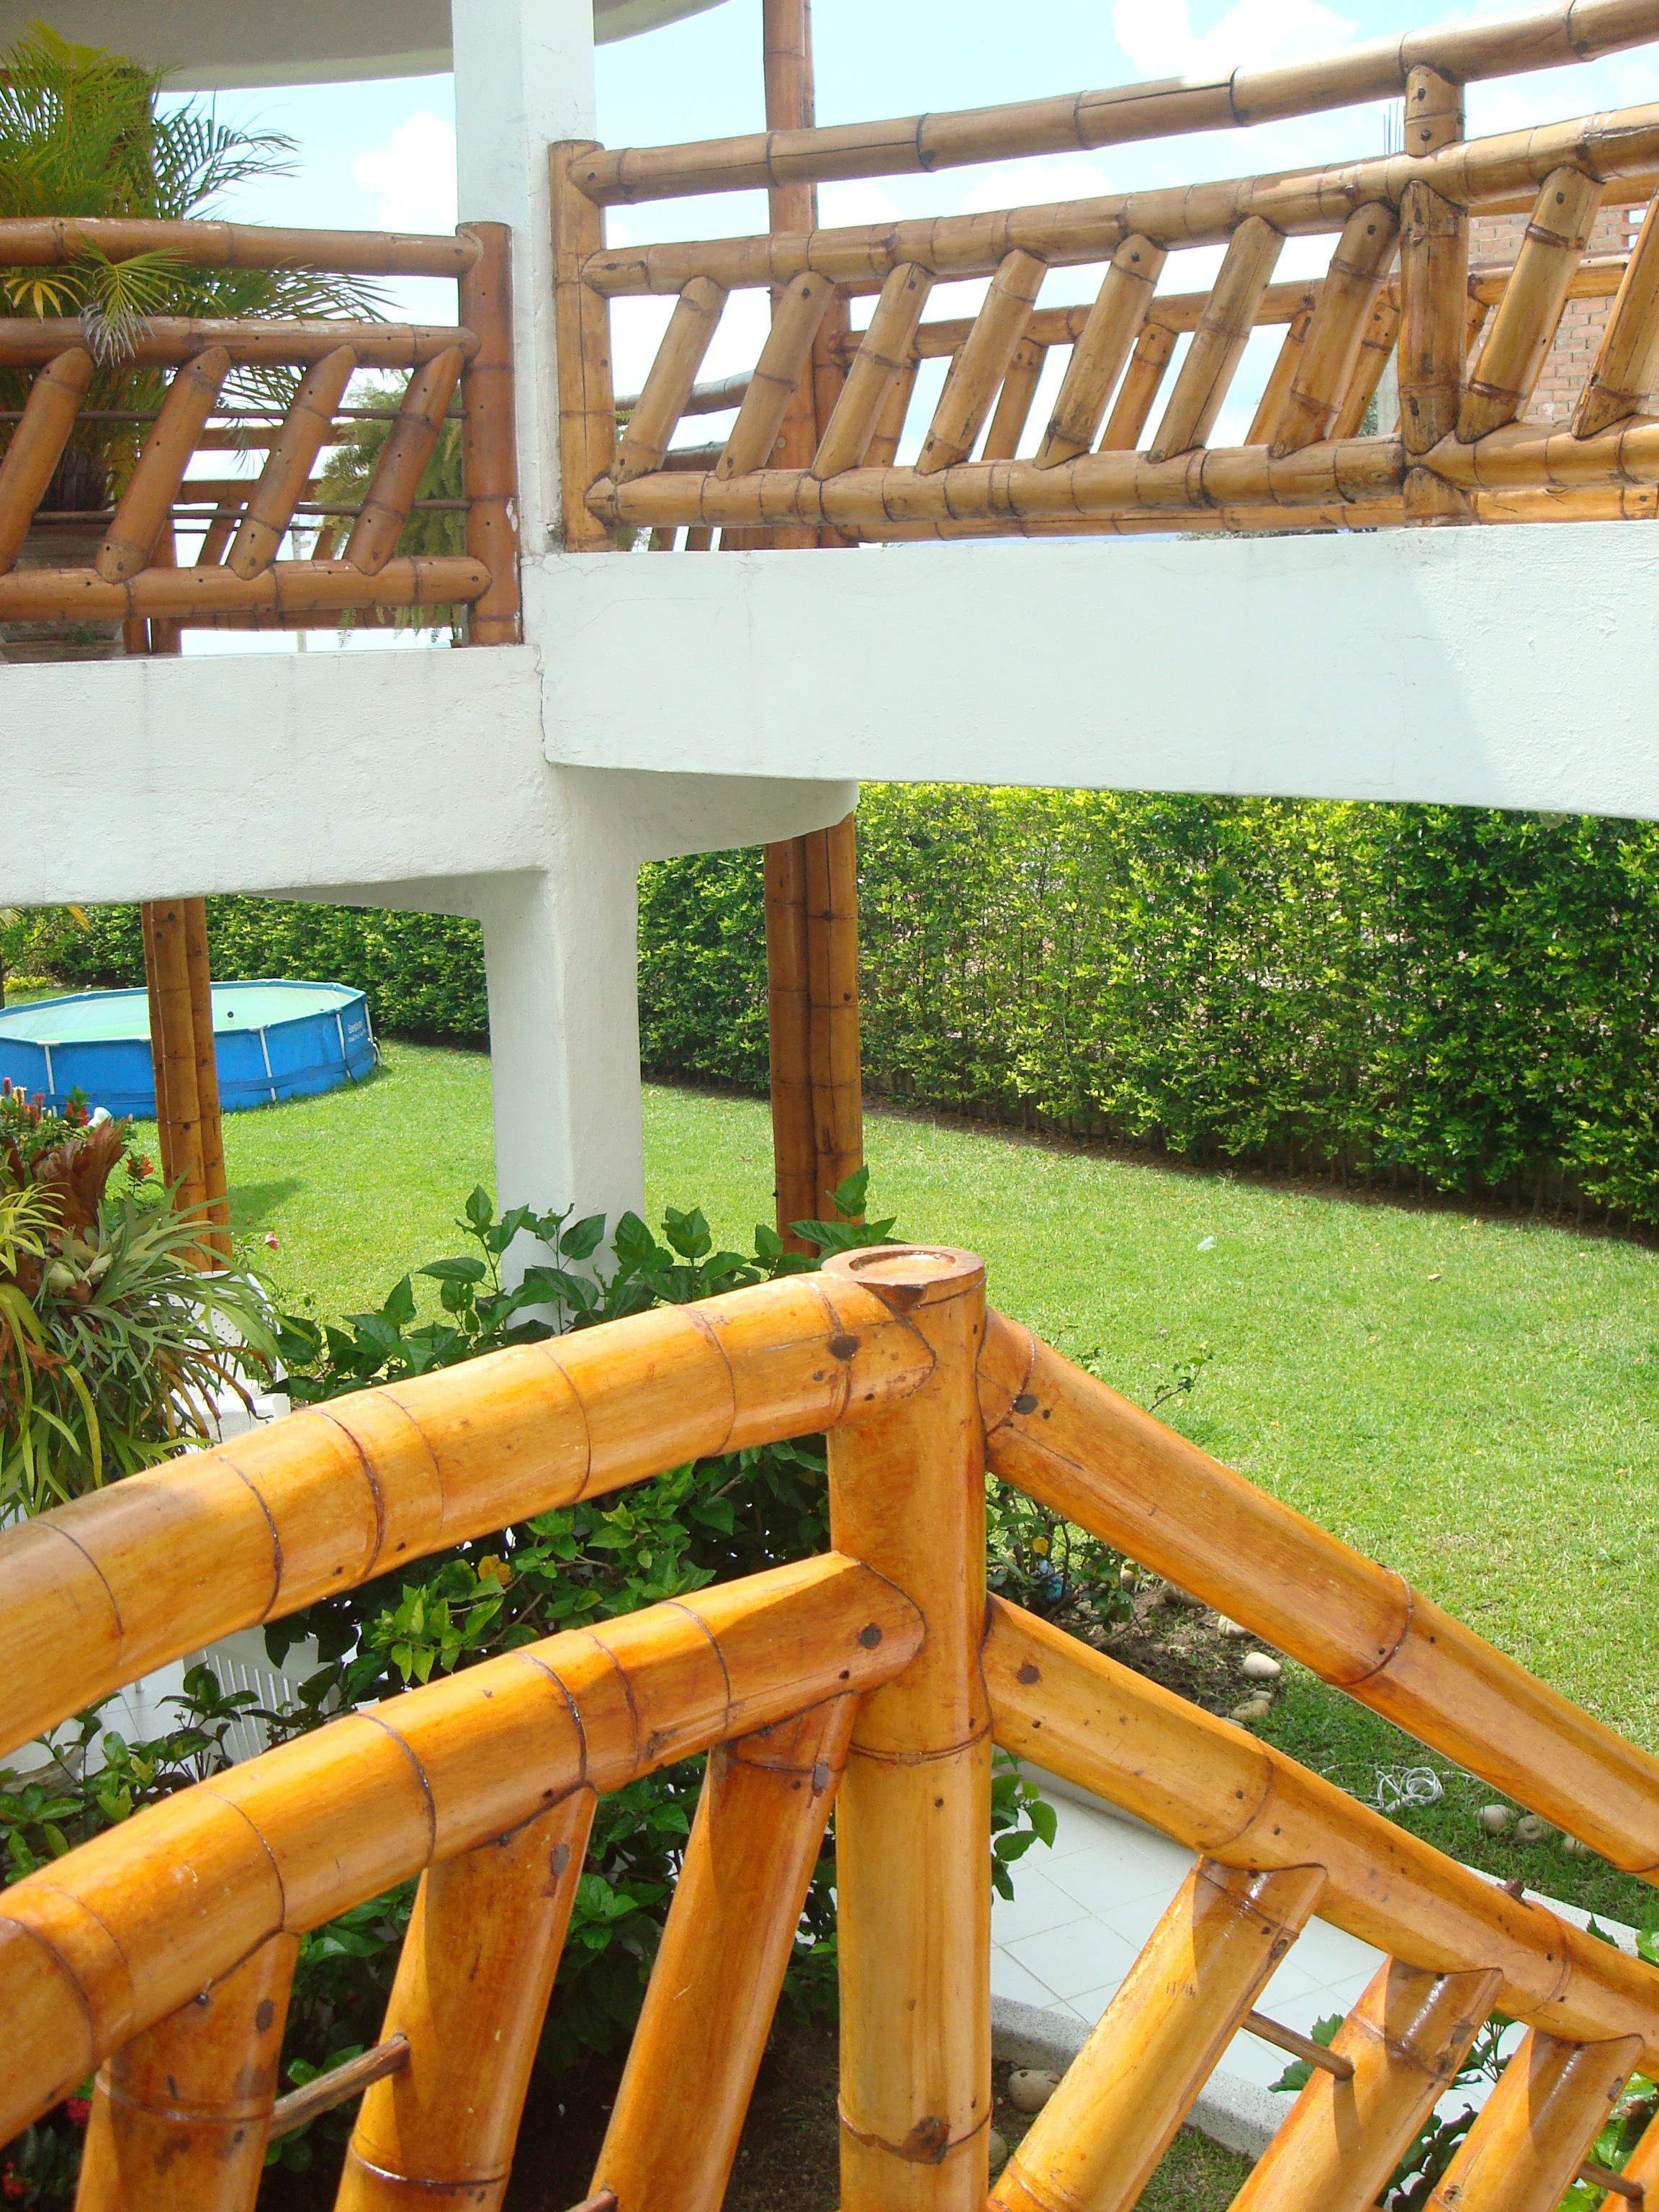 Tipos de escaleras y barandas flickr photo sharing - Tipos de escaleras ...